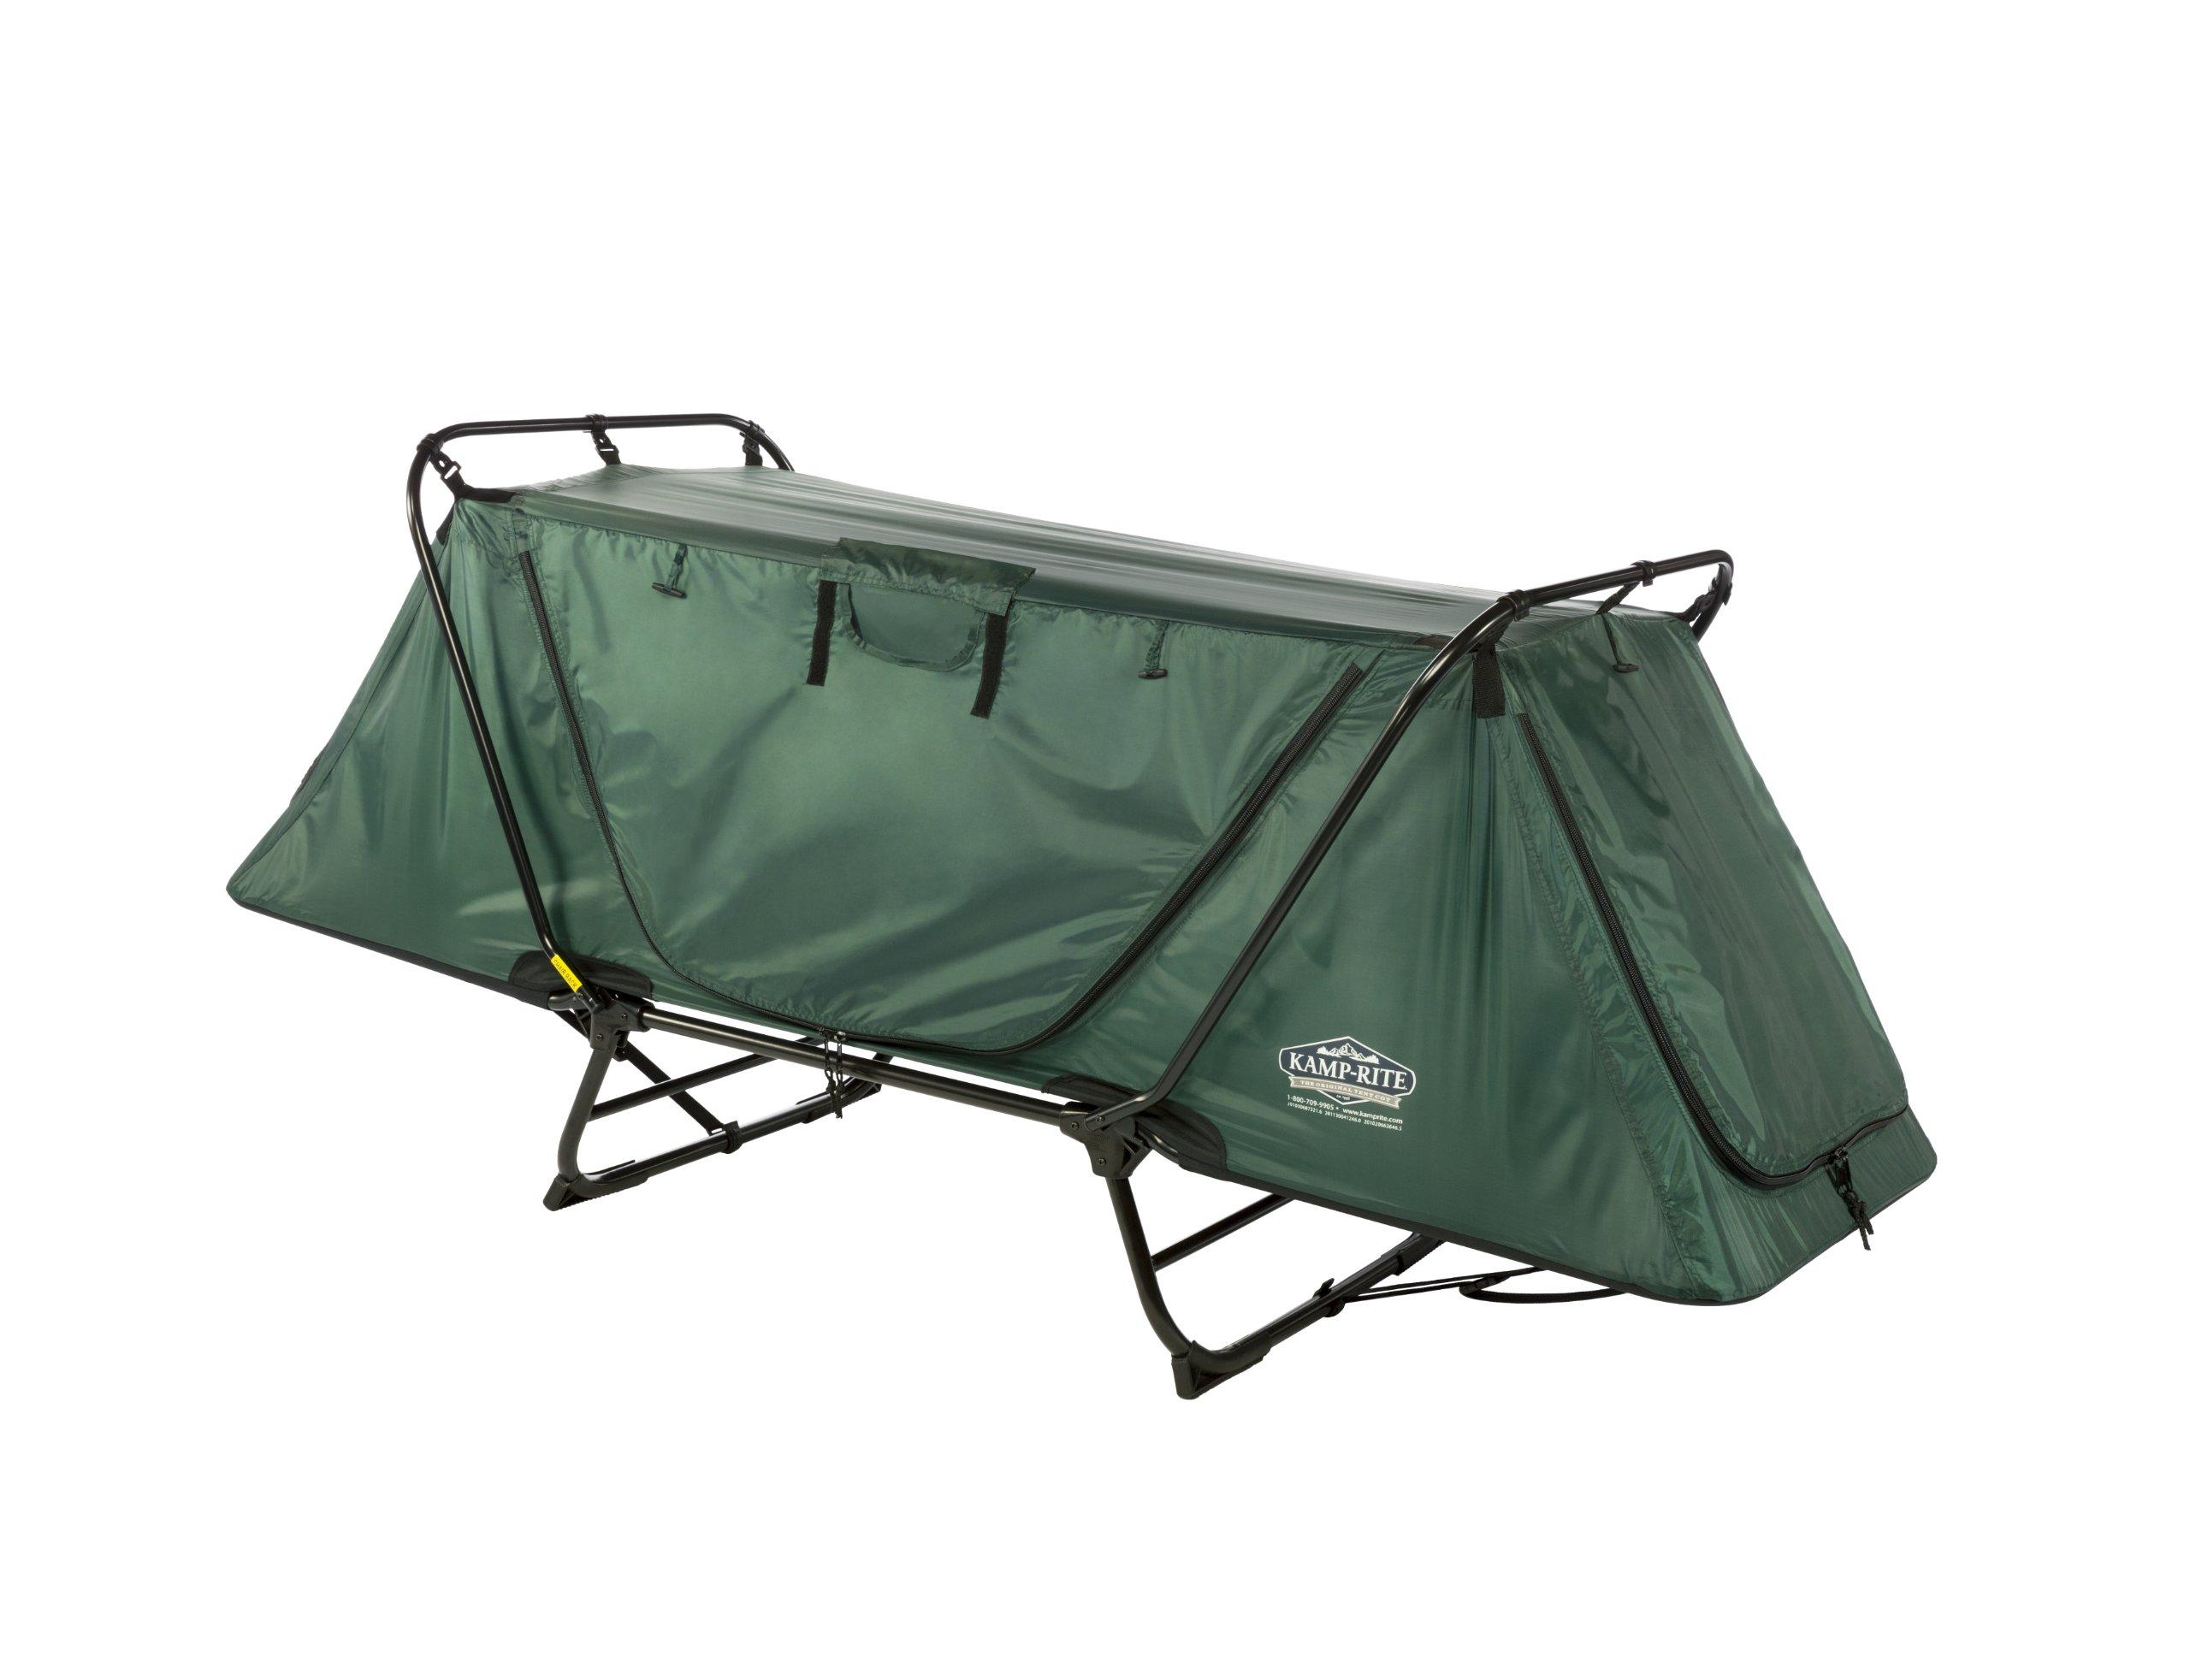 Kamp-Rite Tent Cot Original Size Tent Cot (Green) by Kamp-Rite (Image #1)